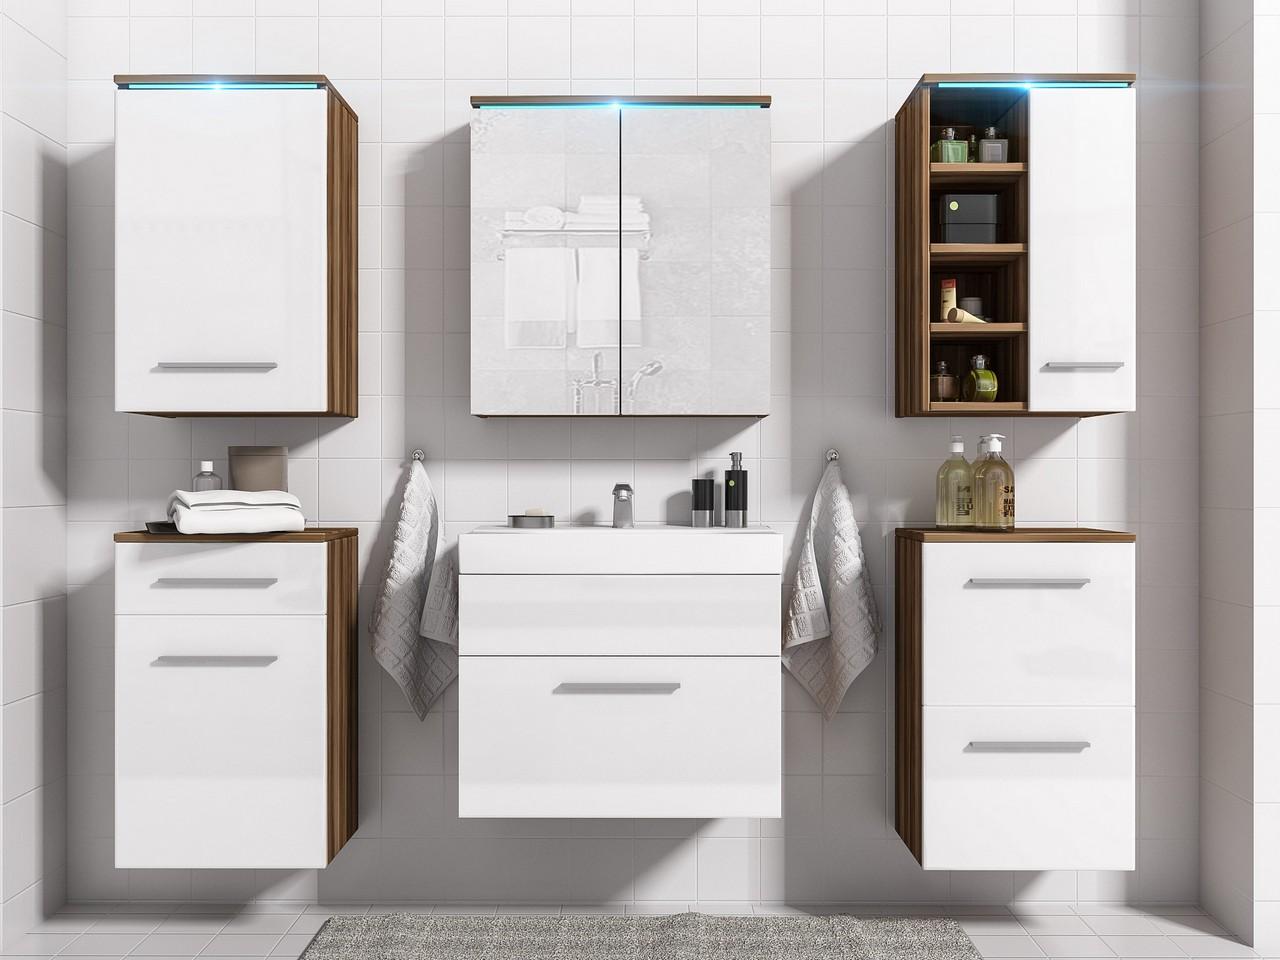 Moderný kúpeľňový nábytok MEGI 8 Slivka / Biely lesk